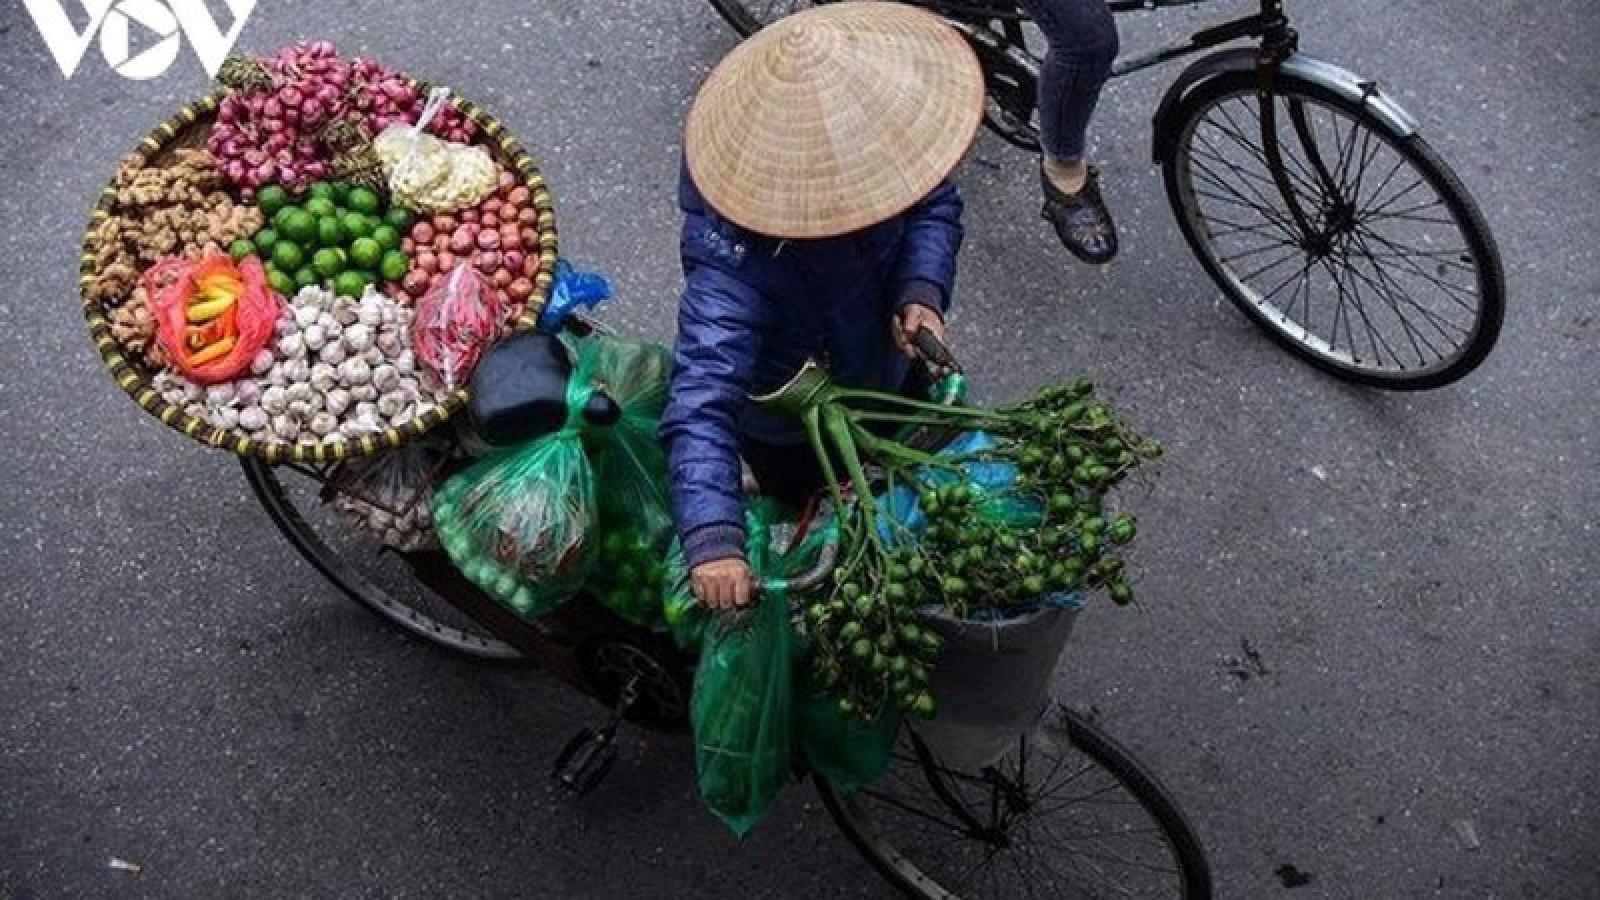 Gói hỗ trợ thứ 2: Để người lao động không bị rơi vào đói nghèo và cùng cực